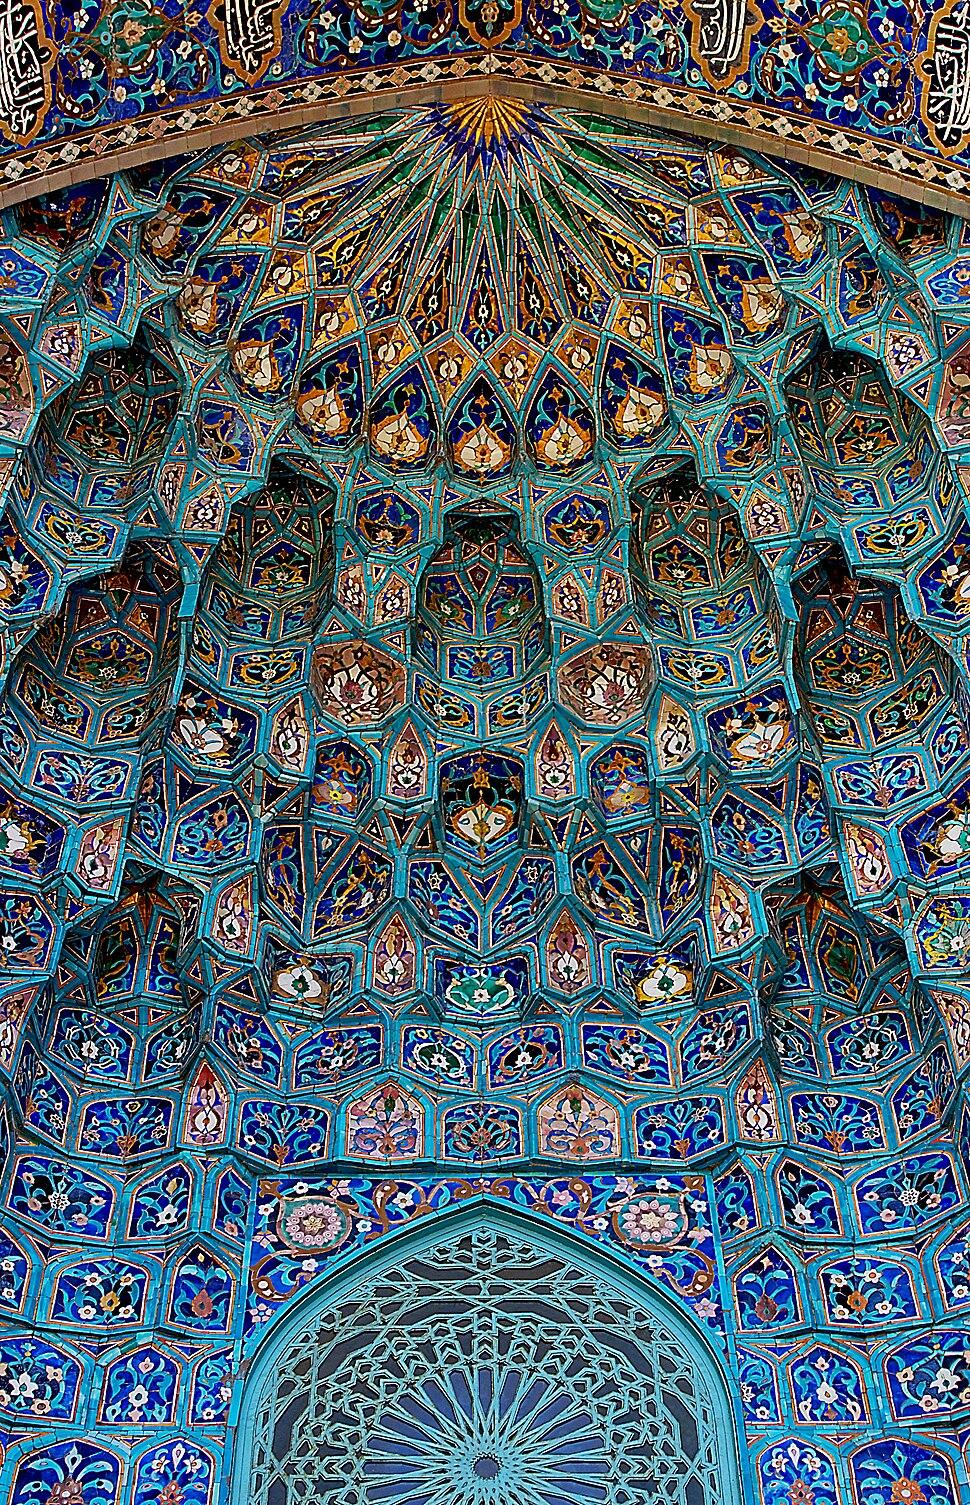 Мечеть Санкт-Петербурга. Майолика портала